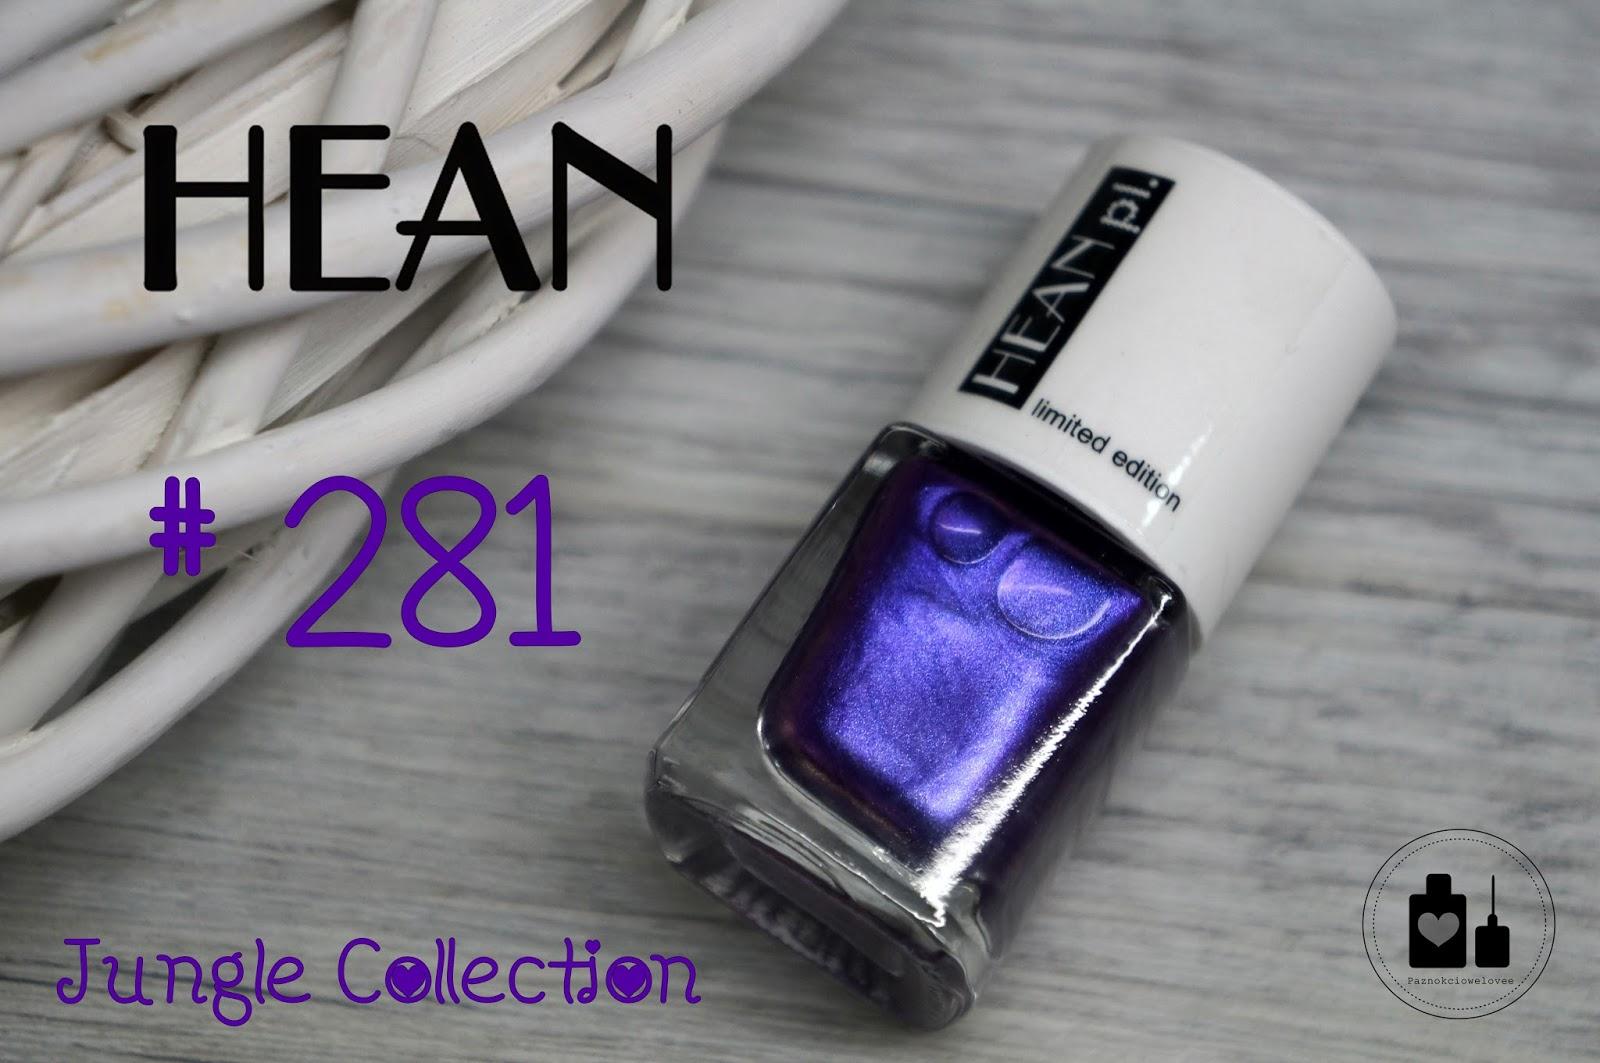 Hean 281, czyli duochrom limitowany!